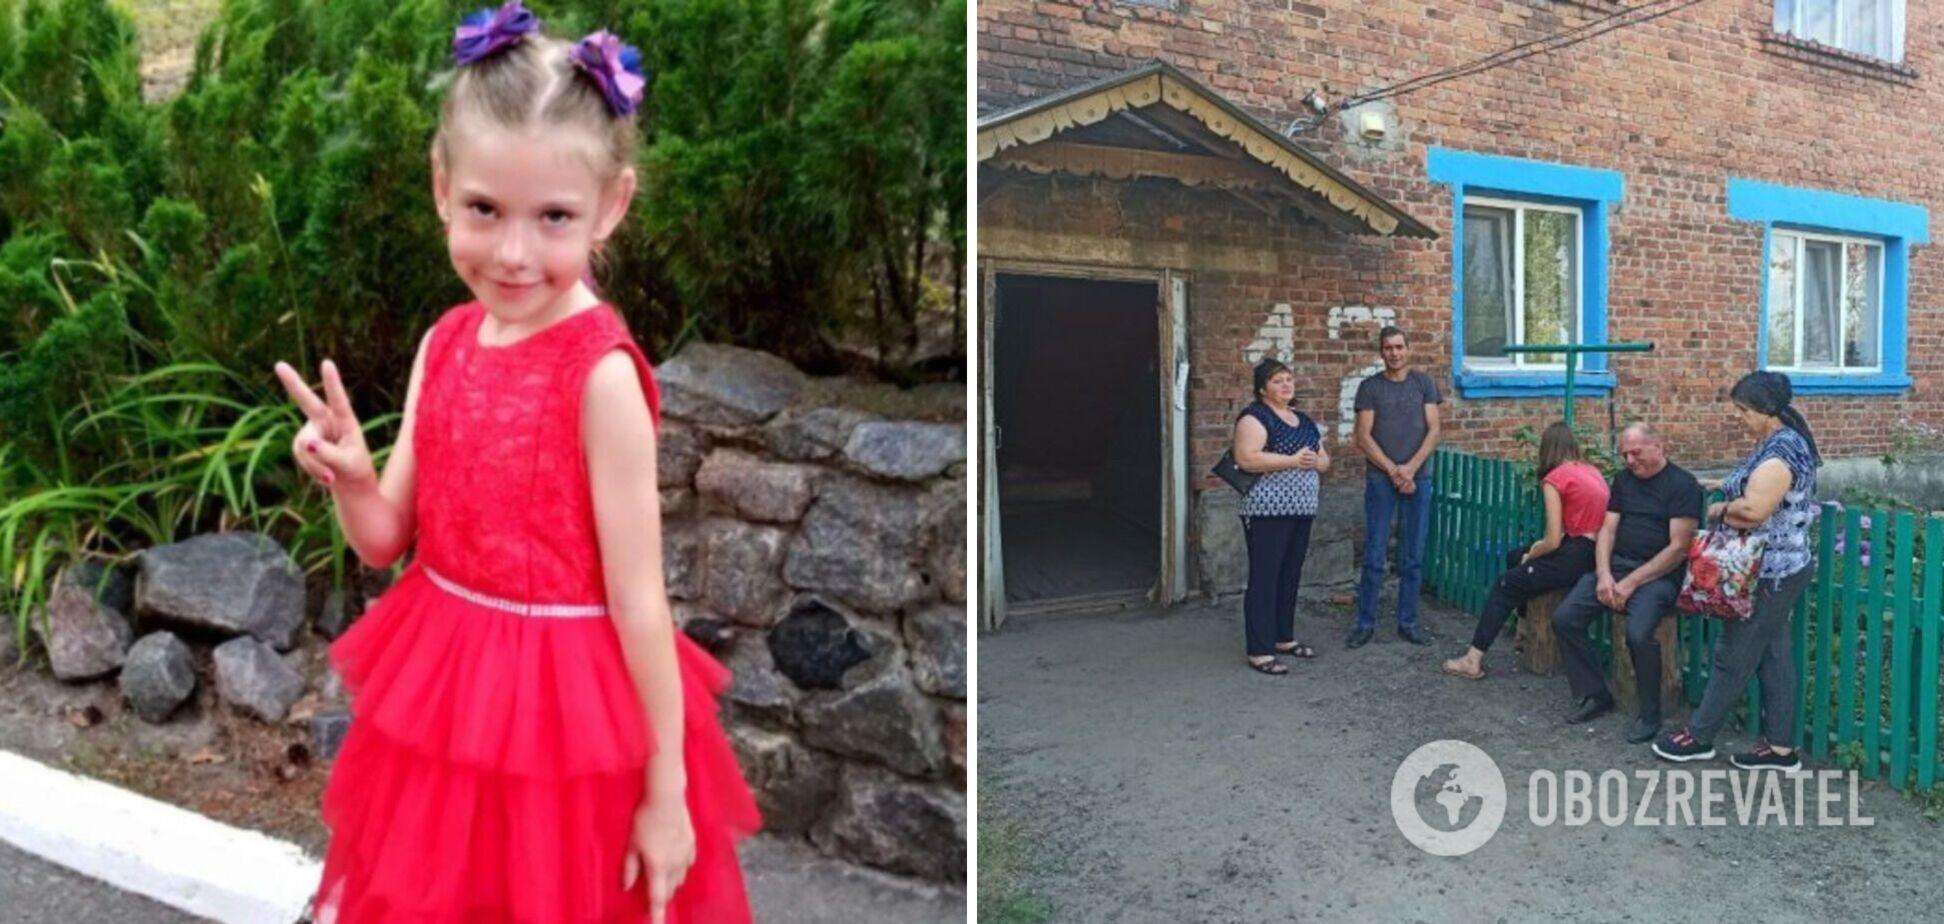 С ними мог быть еще один мужчина: мать подозреваемого в убийстве 6-летней девочки подростка выступила с заявлением